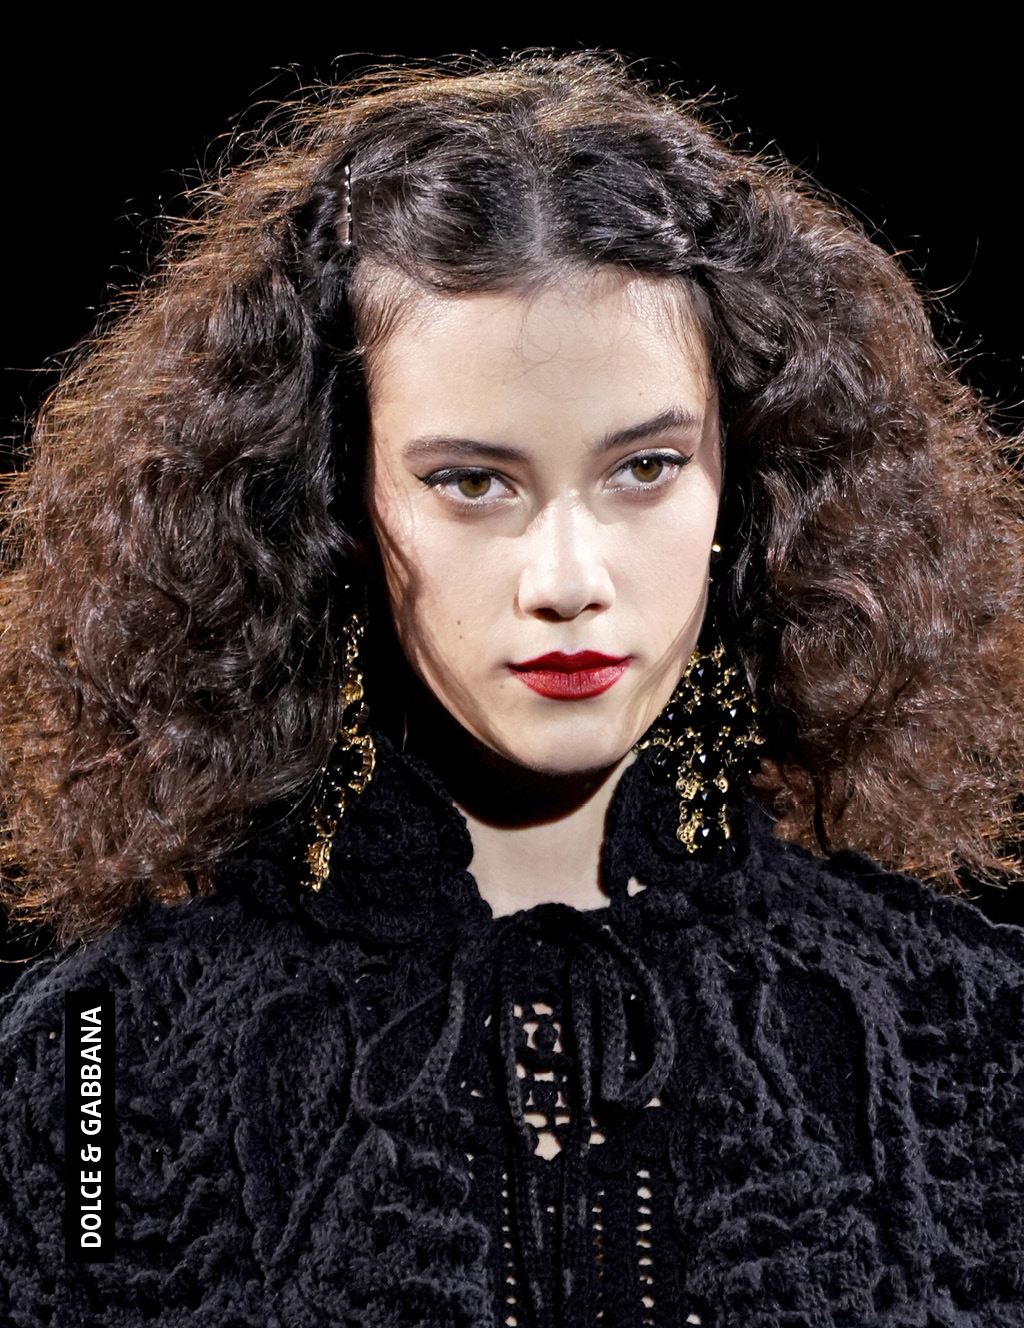 Dolce-n-Gabbana_bty_W_F20_MI_010_3356311